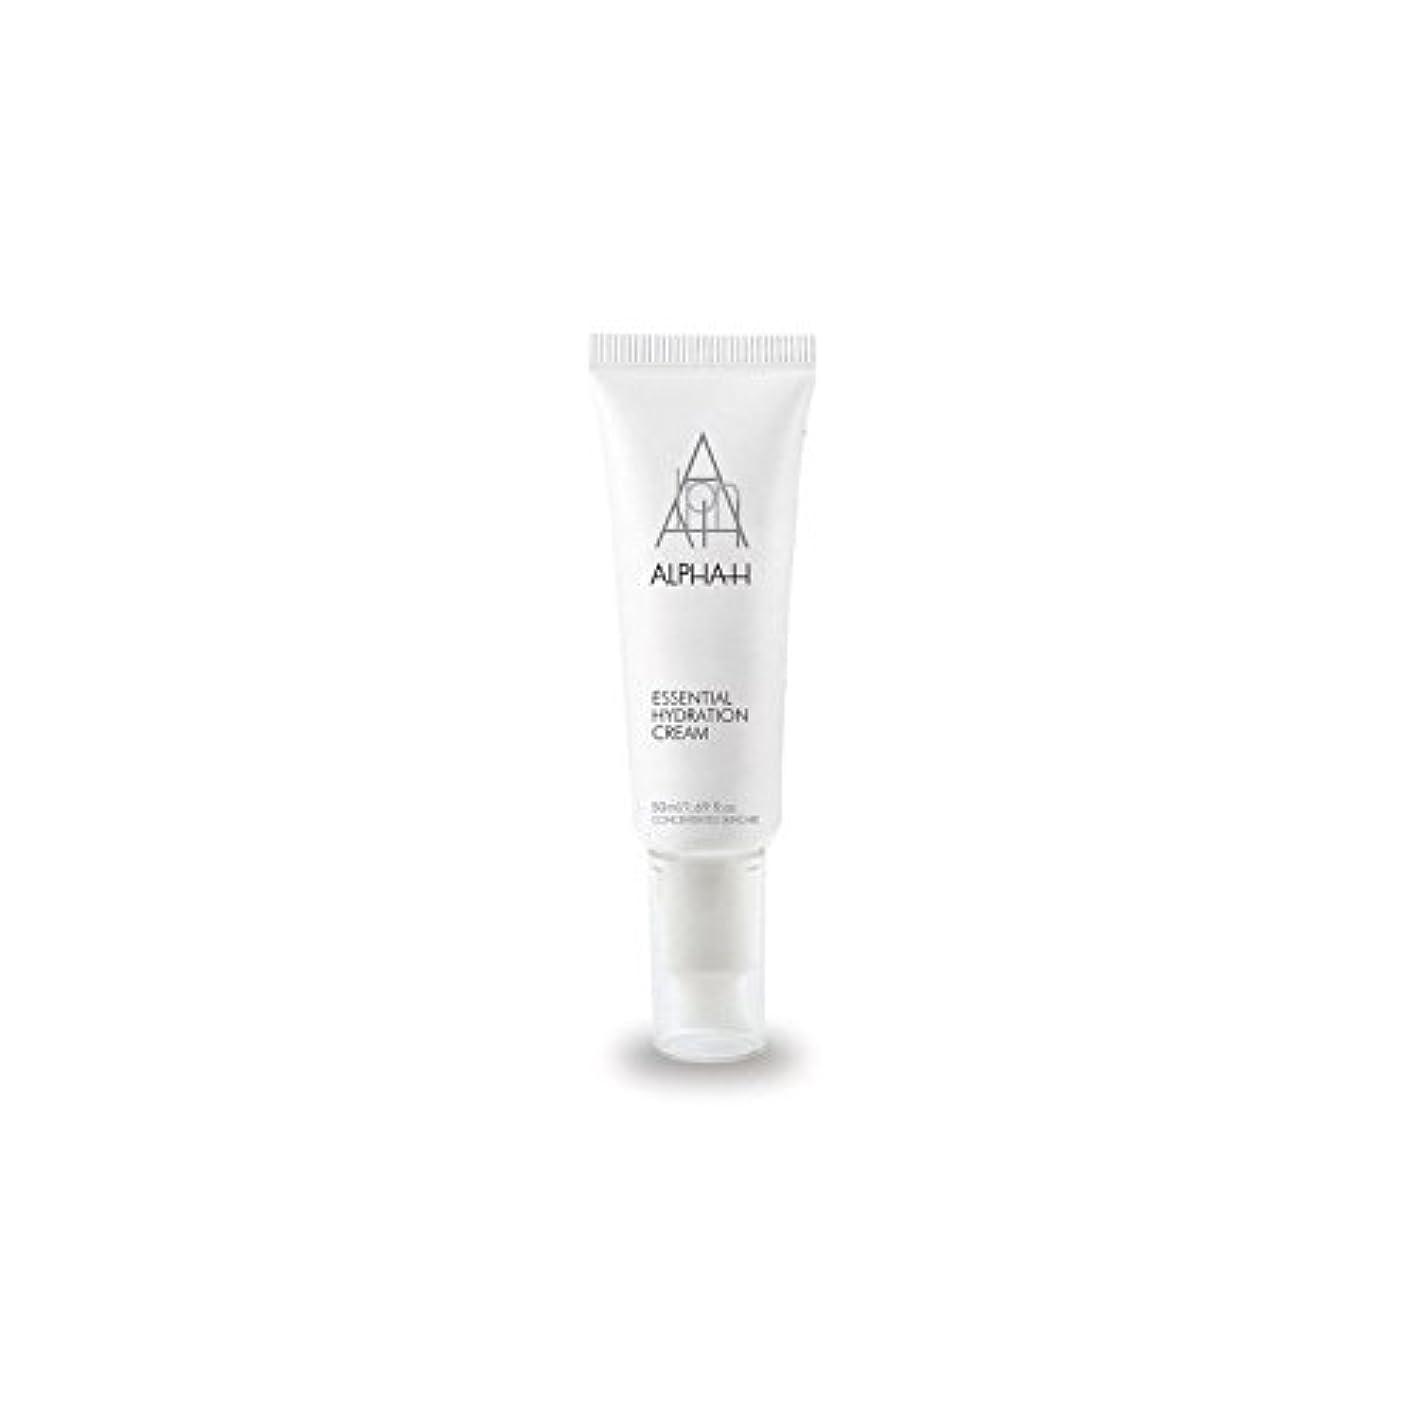 重くする誤解させる論争的アルファ必須水和クリーム(50)中 x2 - Alpha-H Essential Hydration Cream (50ml) (Pack of 2) [並行輸入品]